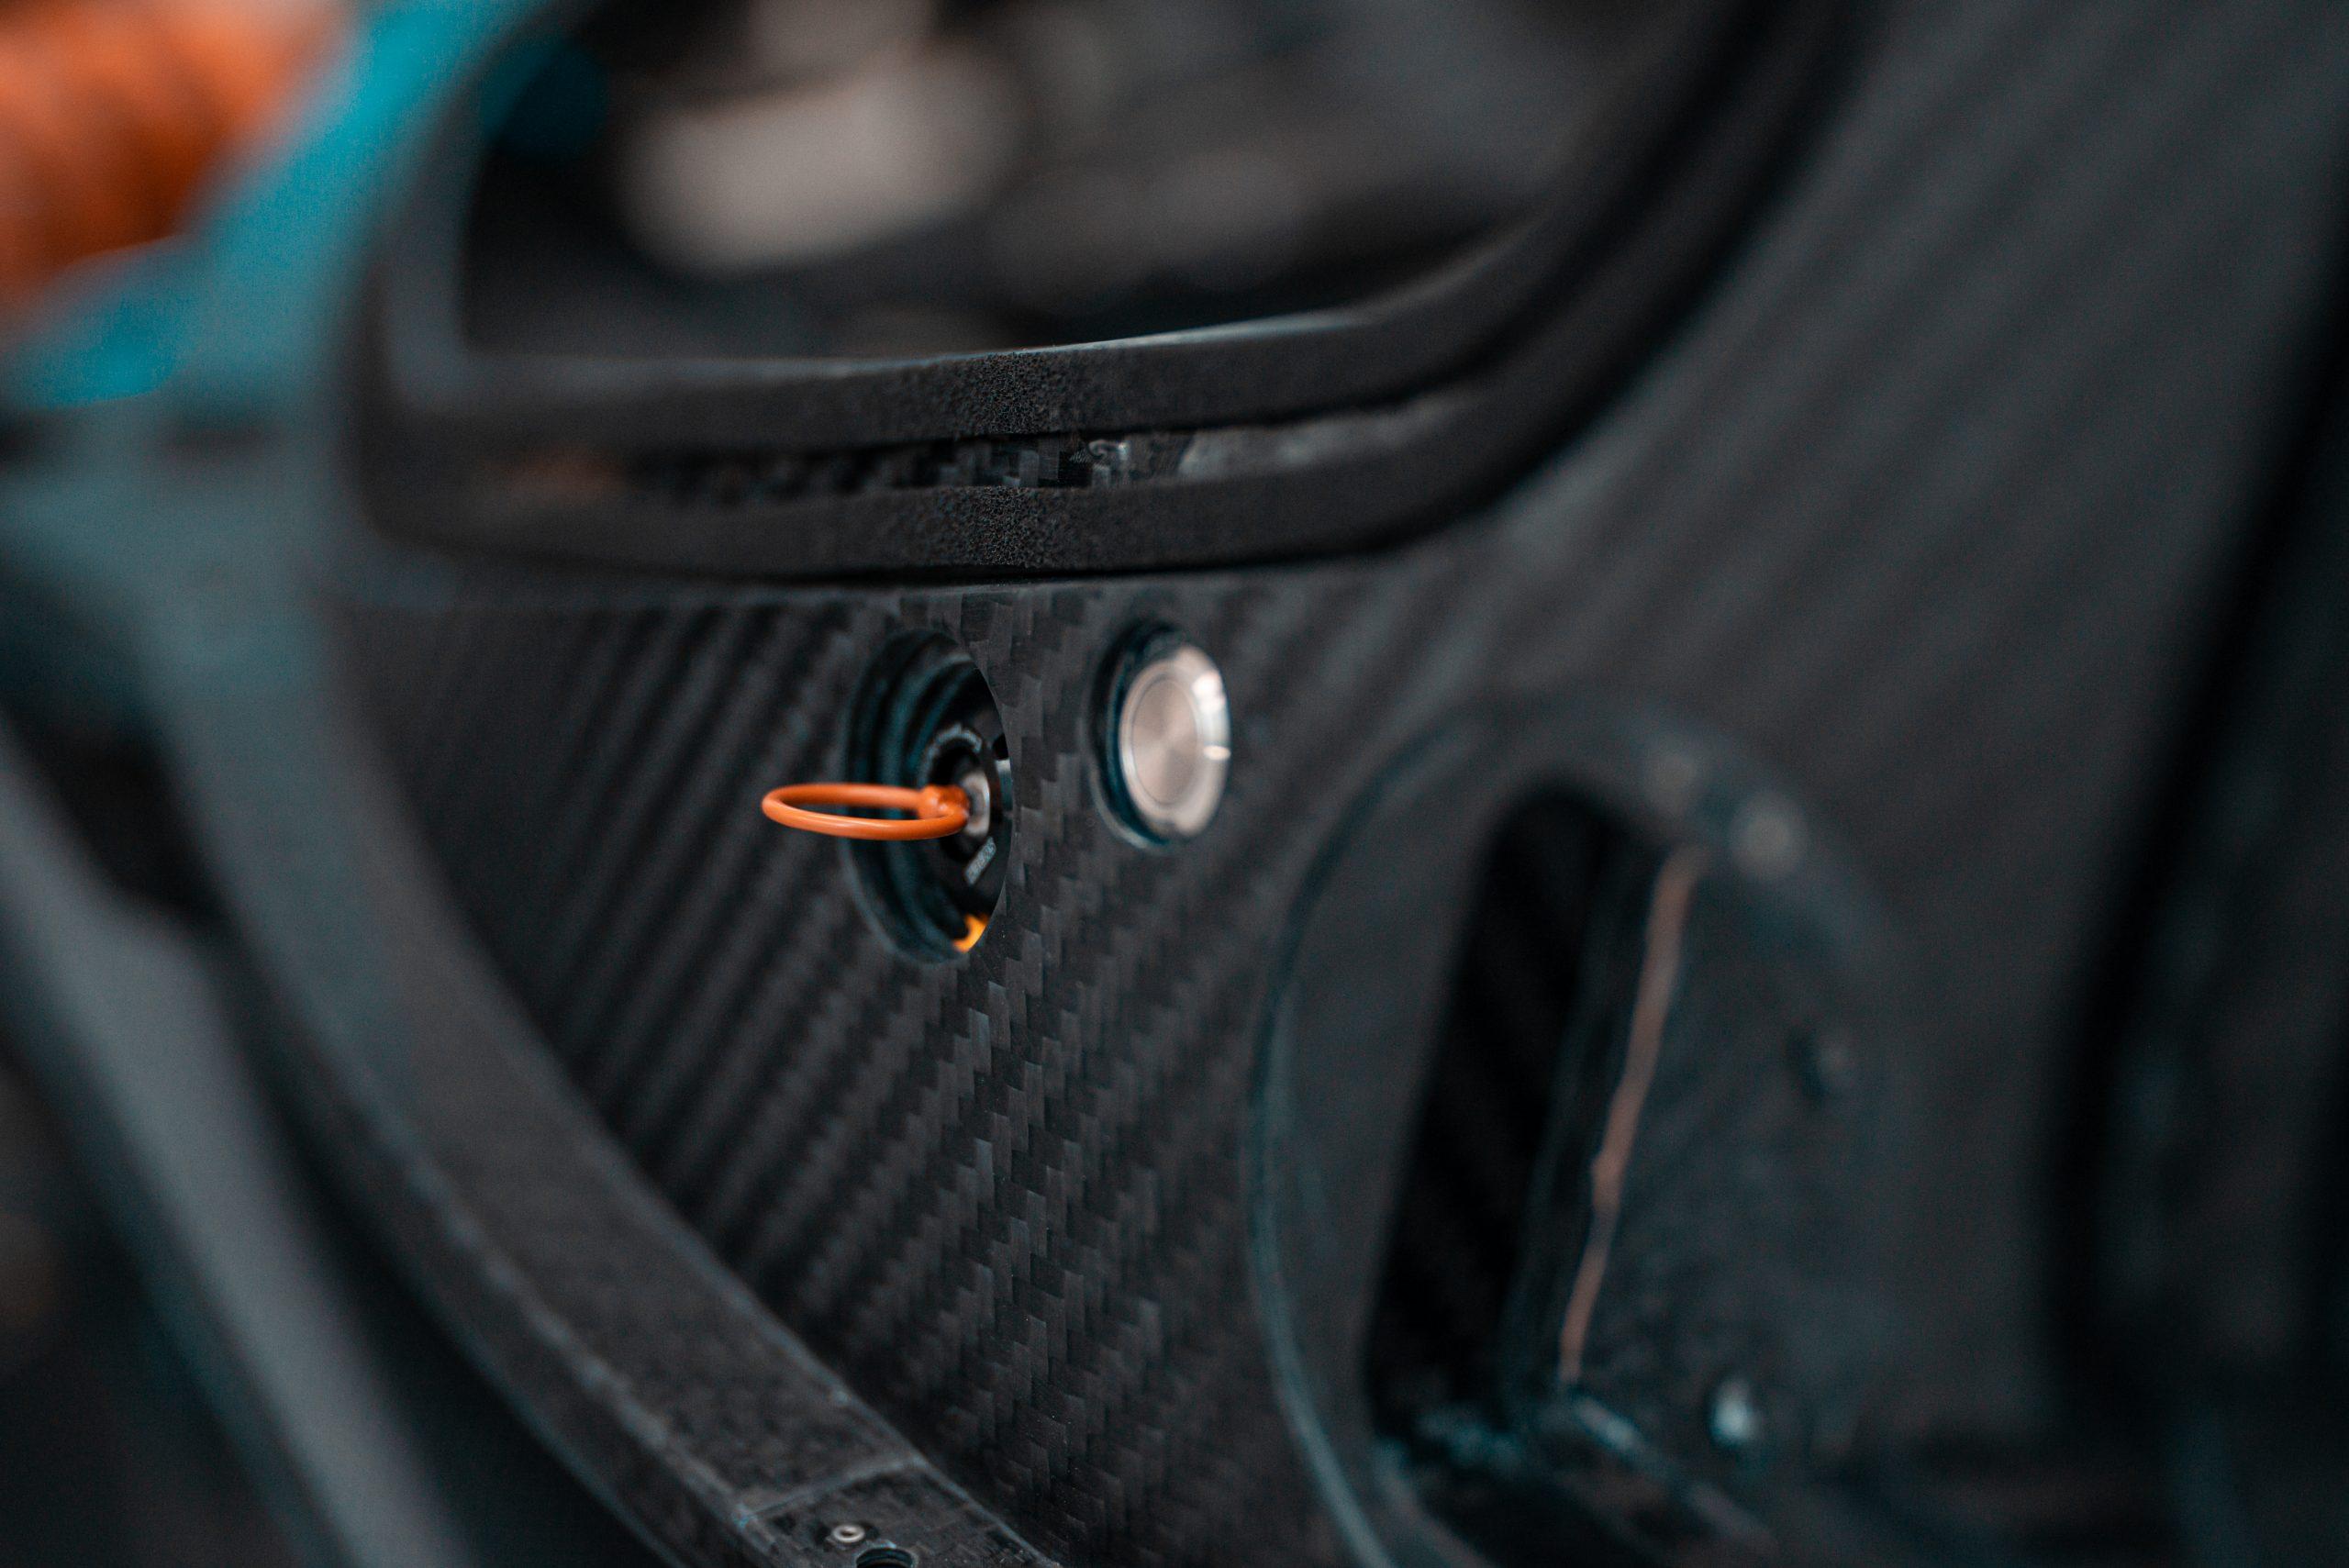 Glickenhaus 007 Hypercar LMH carbon fiber monocoque detail